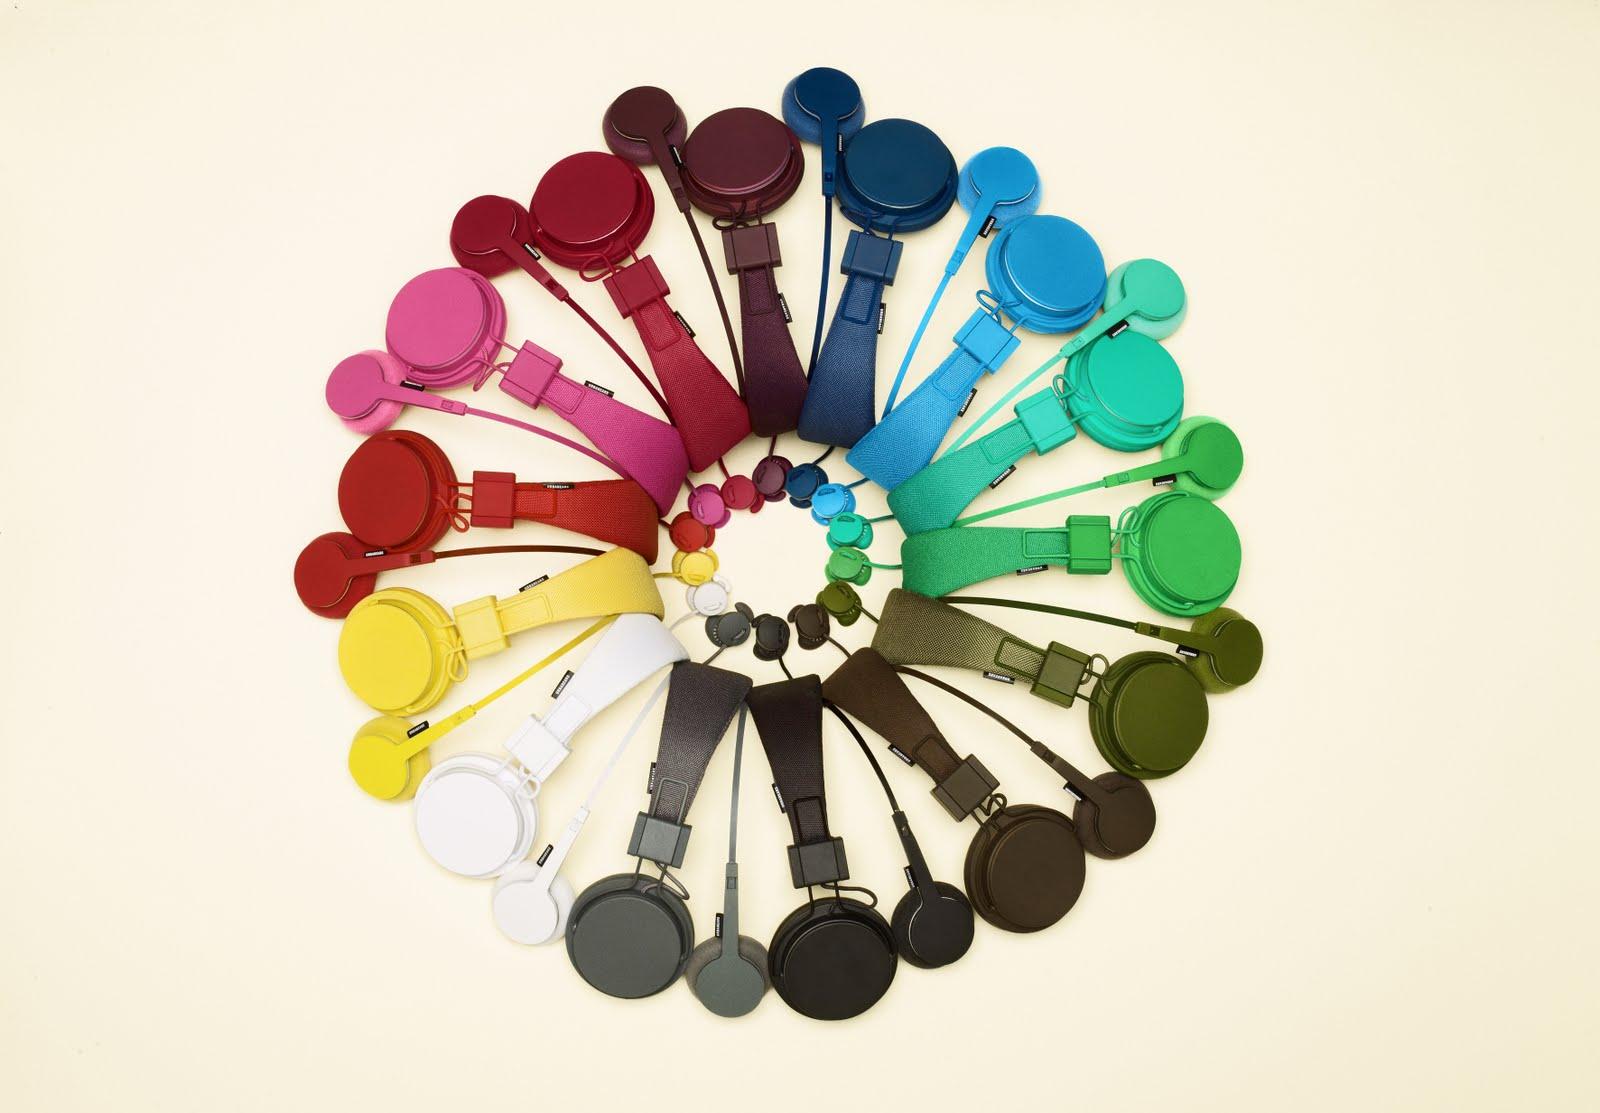 Increíble la variedad de colores.